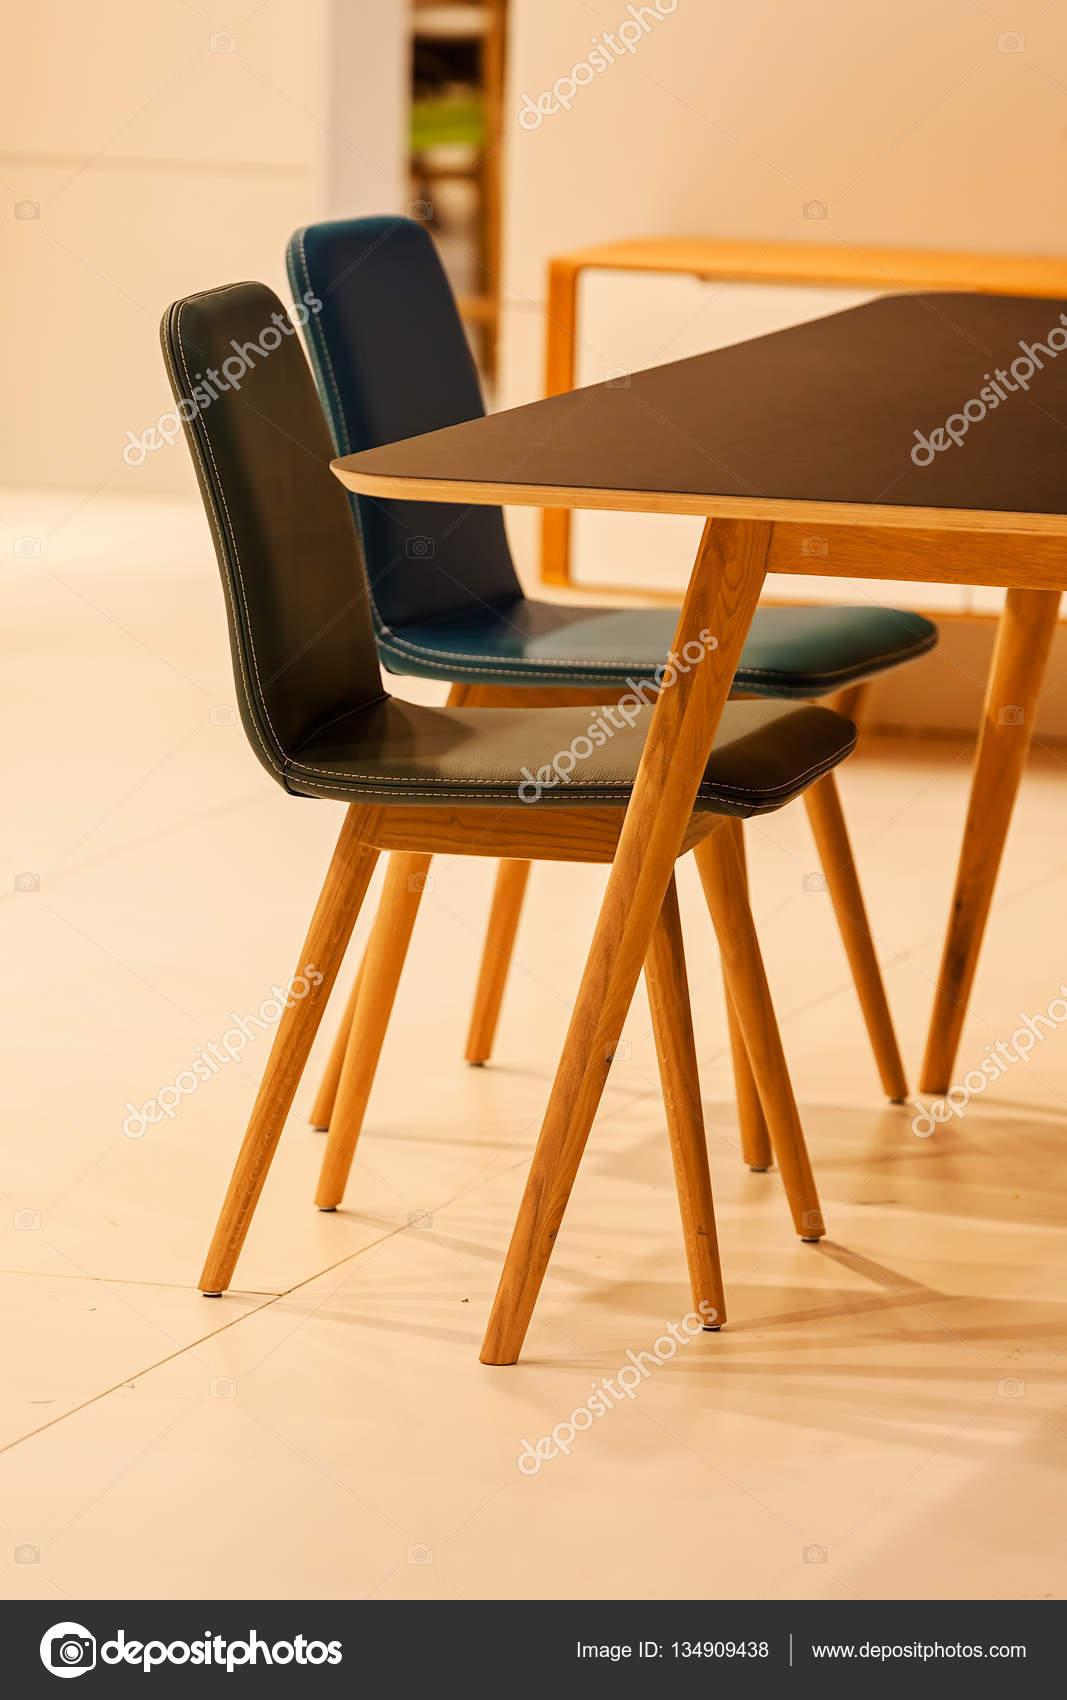 modello di sedia da cucina — Foto Stock © VladimirNenezic #134909438